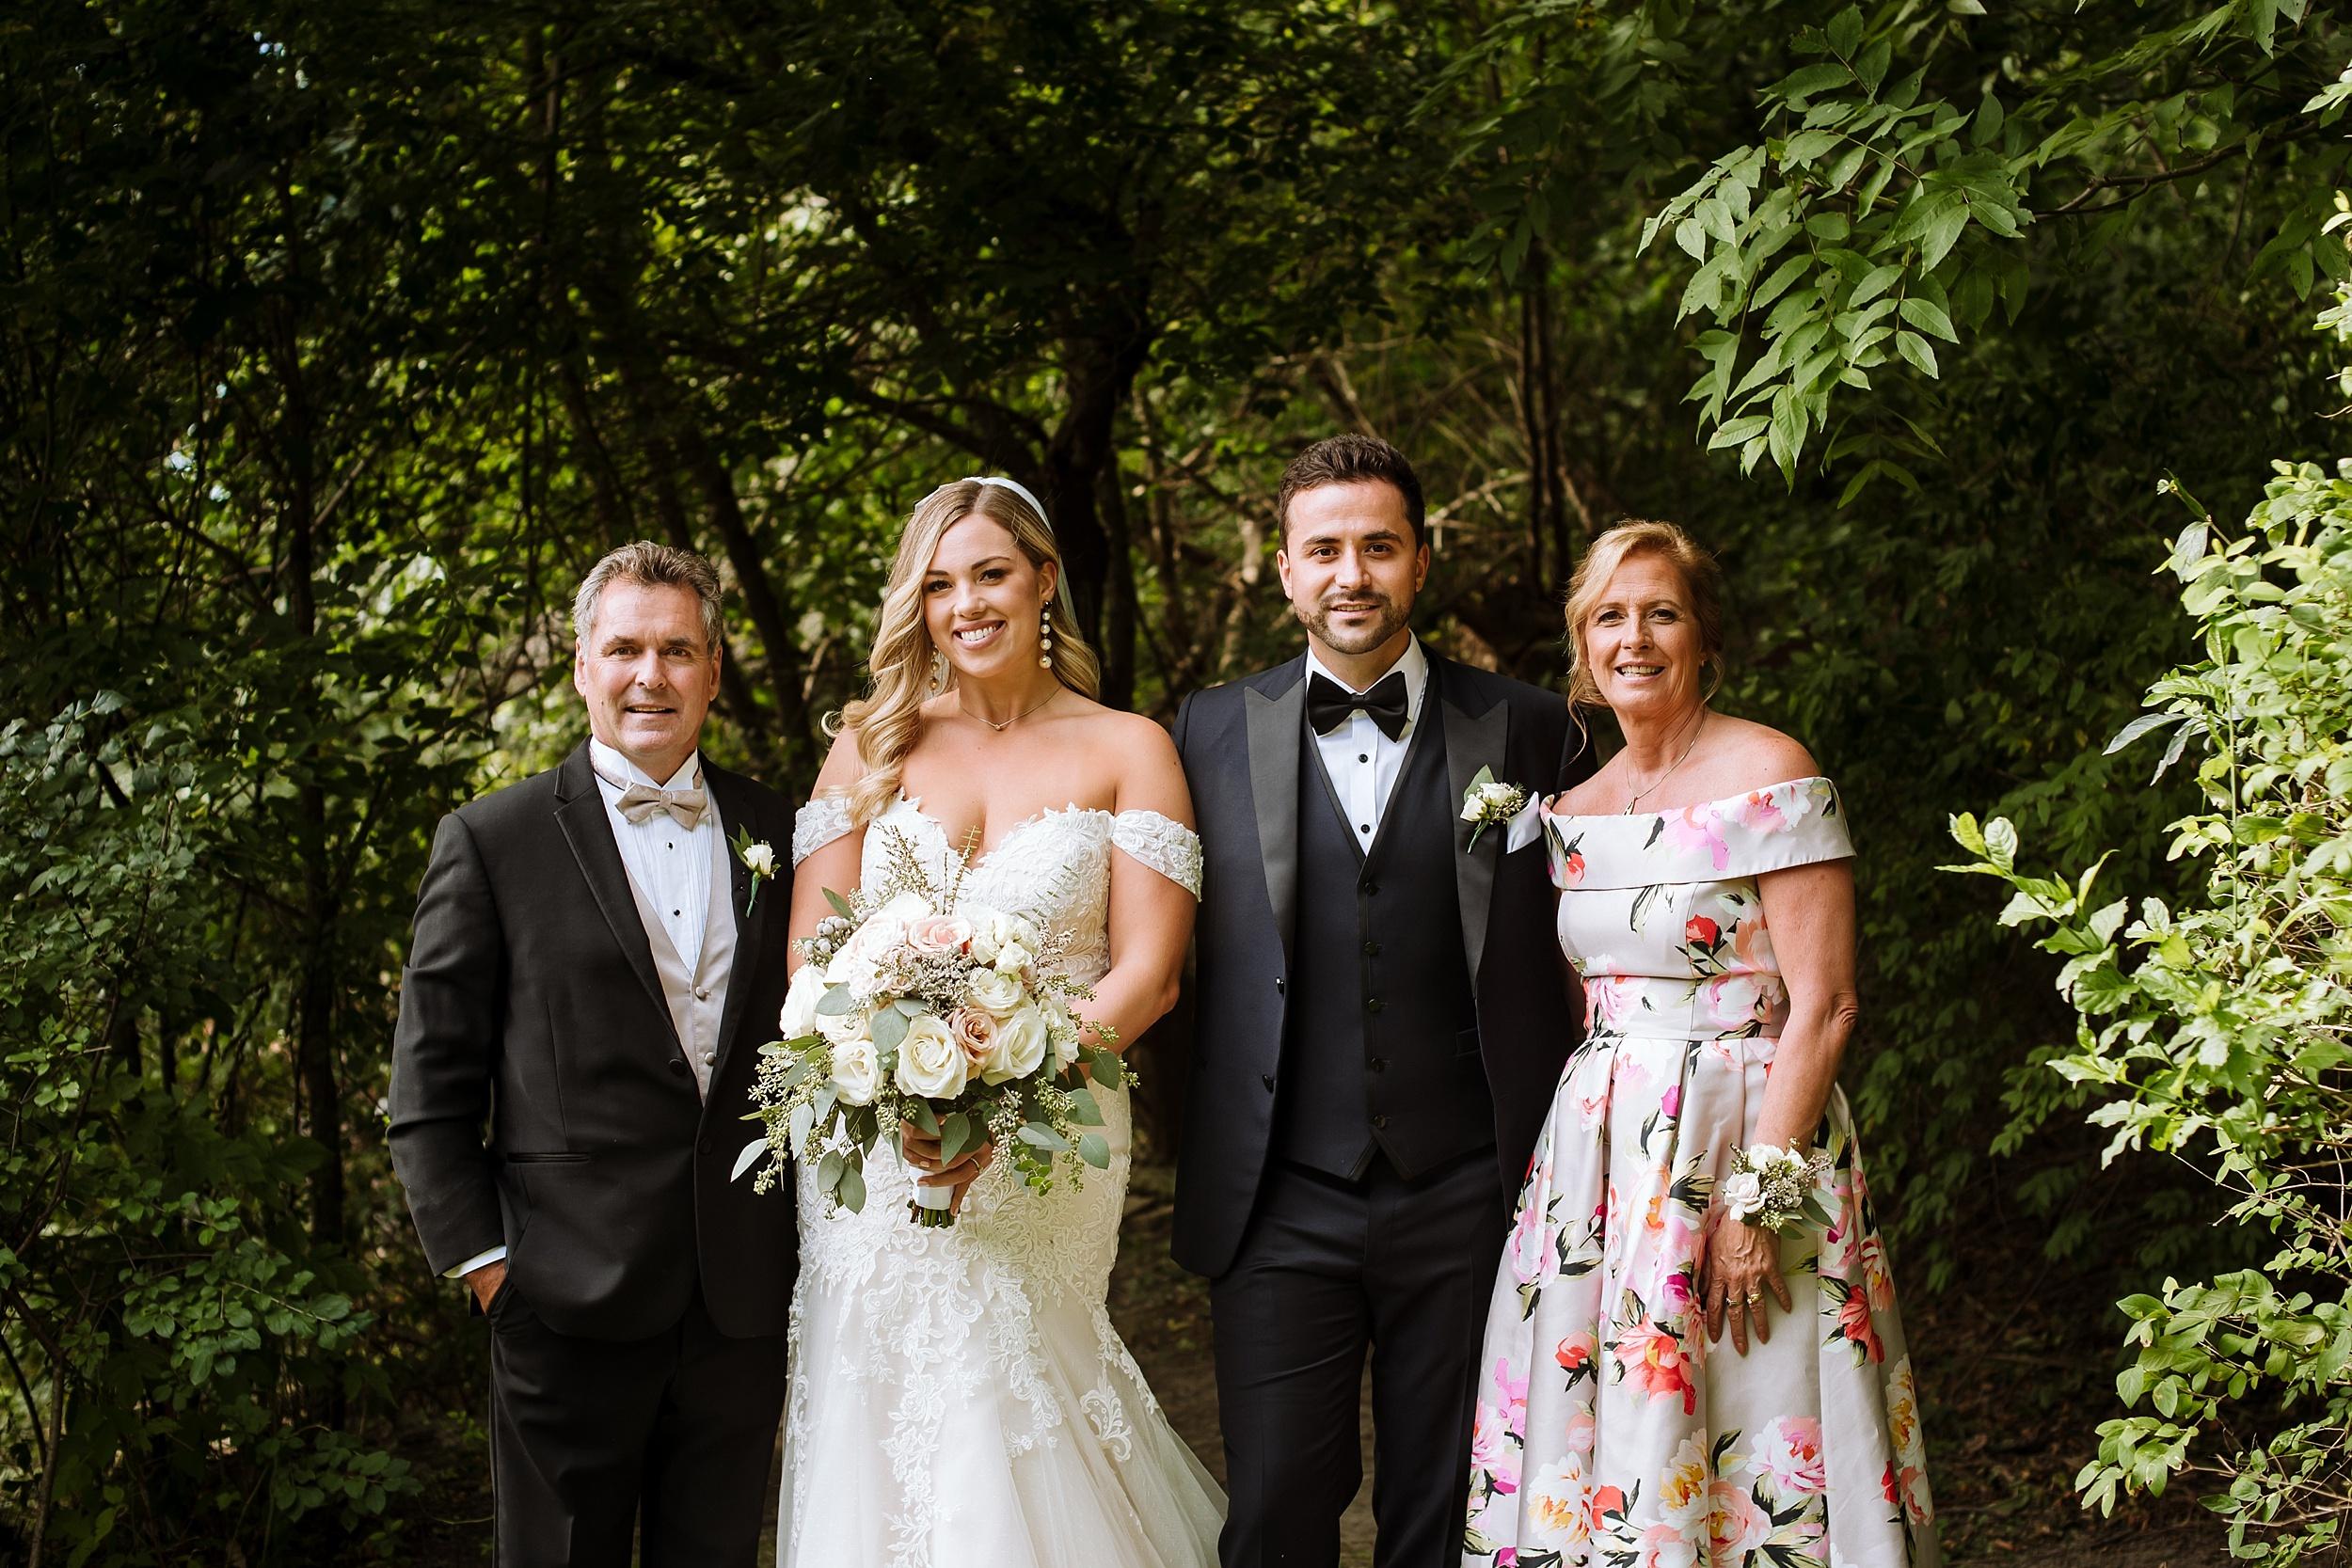 Rustic_Backyard_Wedding_Toronto_Photographer069.jpg